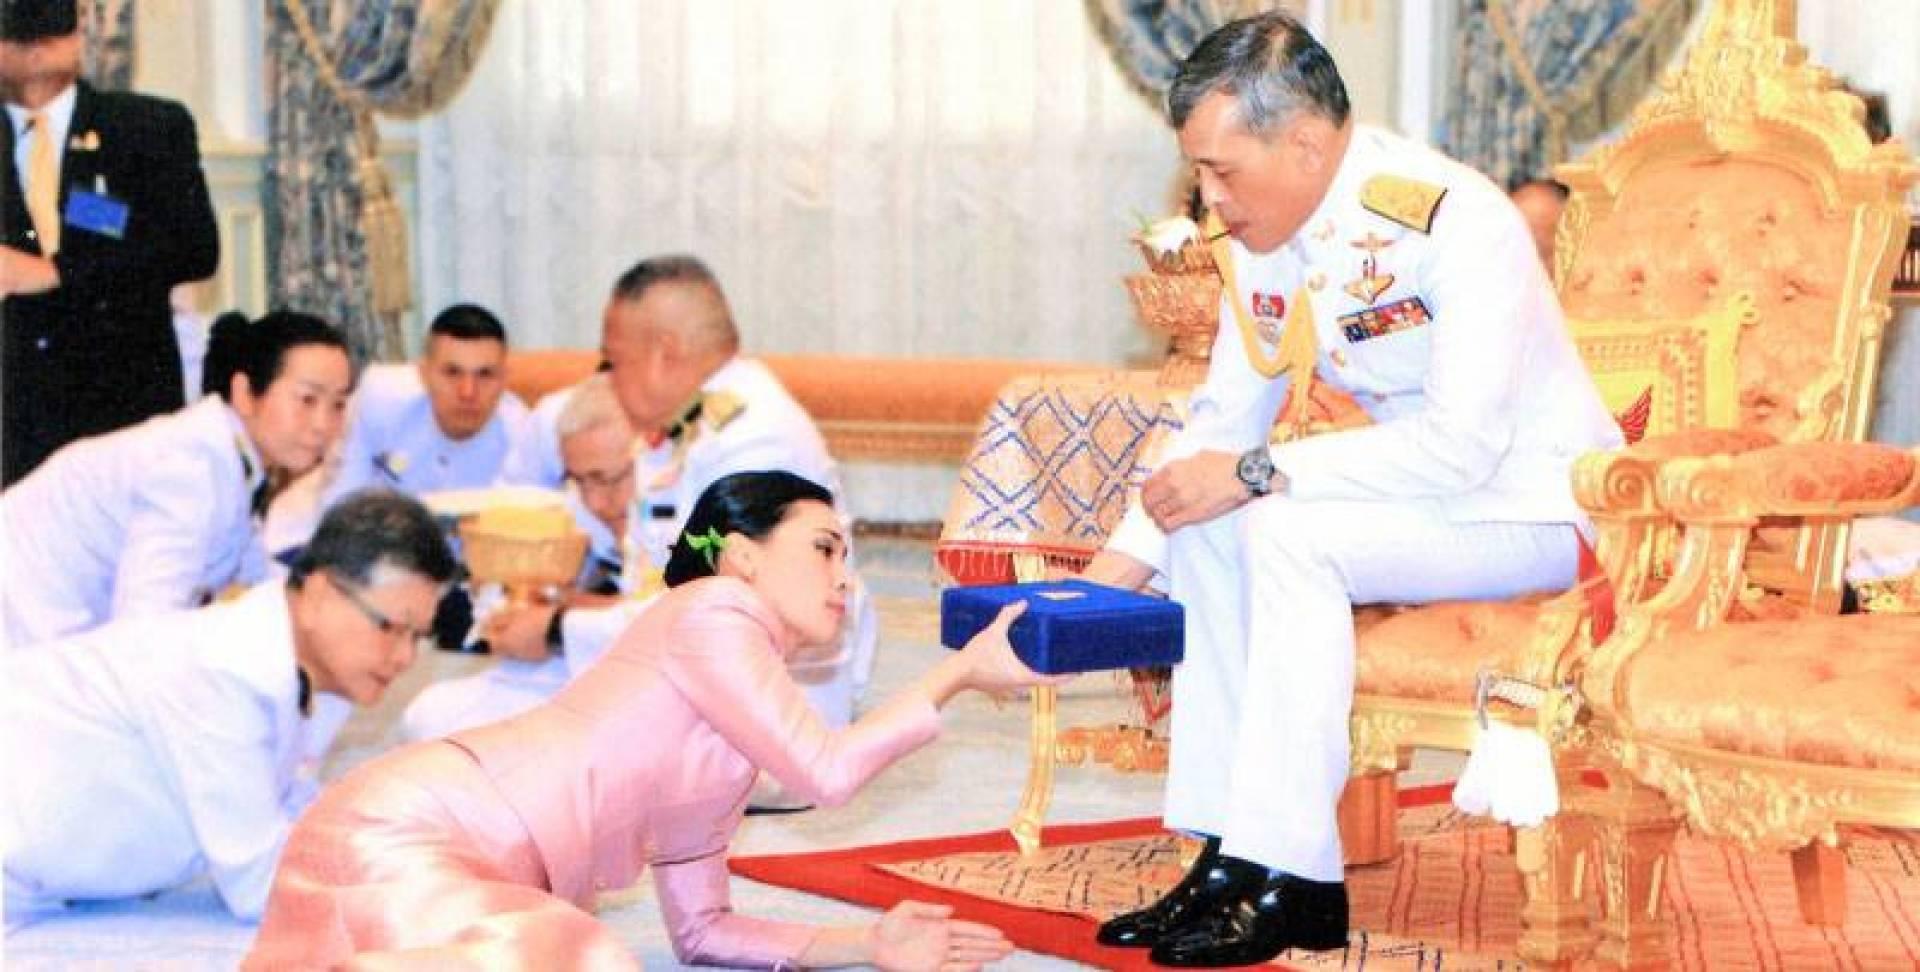 ملك تايلند مقدماً هدية للملكة سوثيدا في قاعة أمبورنسان ثرون في بانكوك